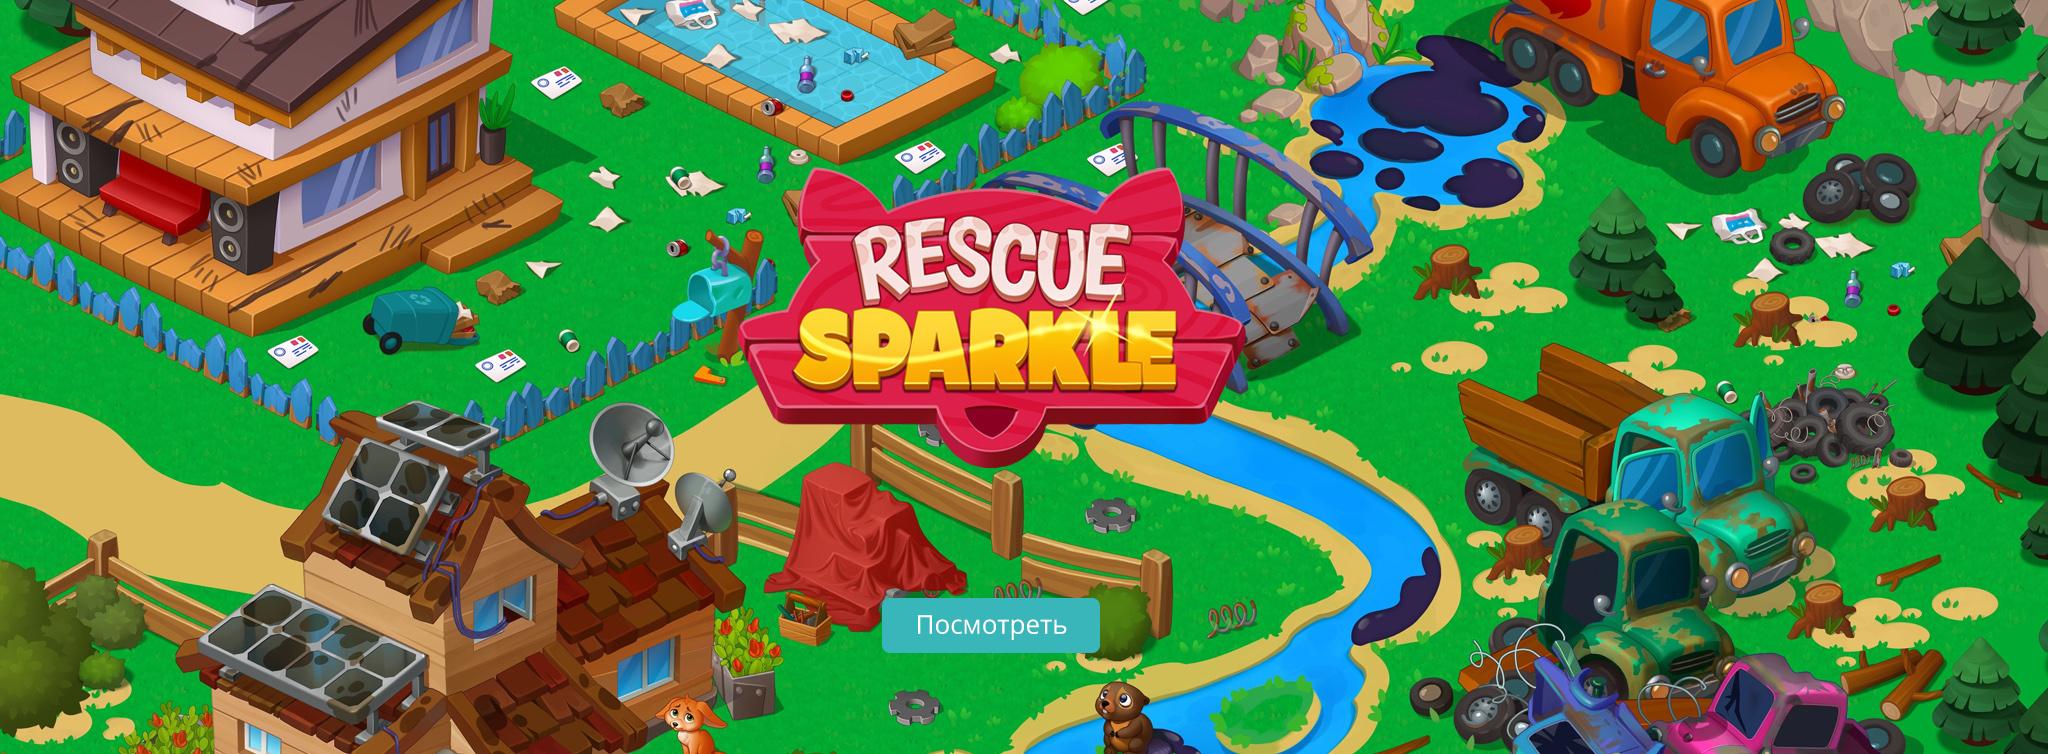 Сюжетная матч-3 адвенчура о спасении зверушек в дикой природе.